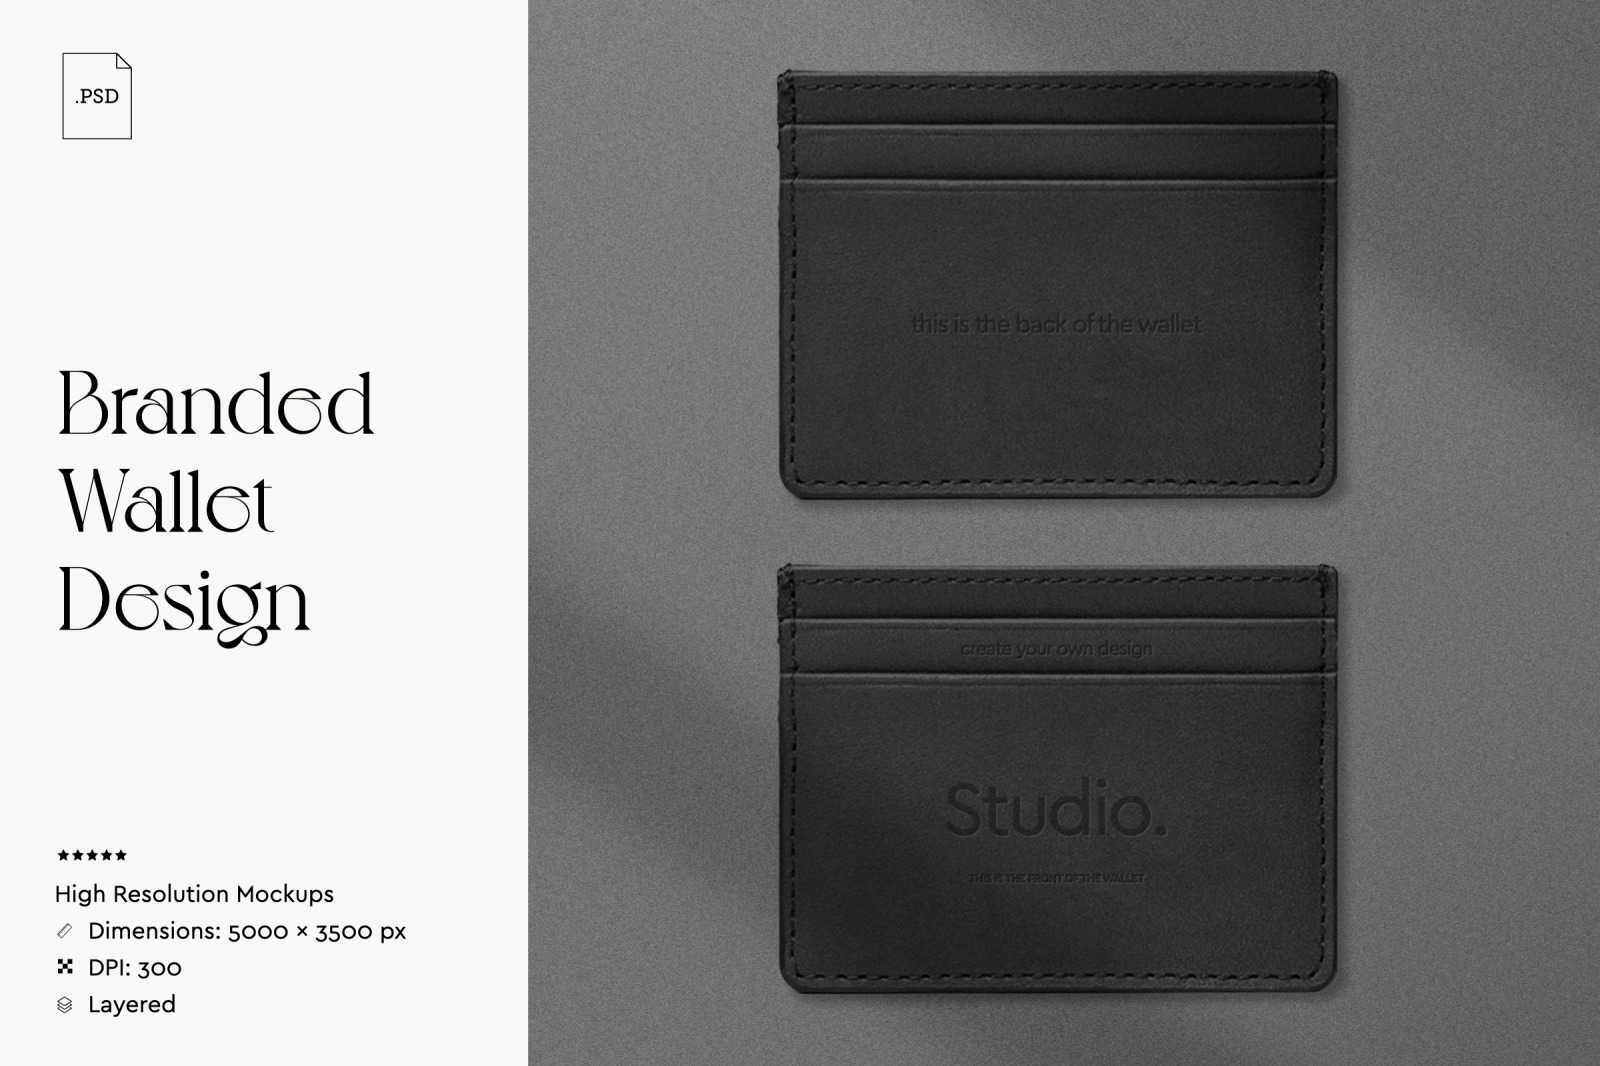 Branded Wallet Design